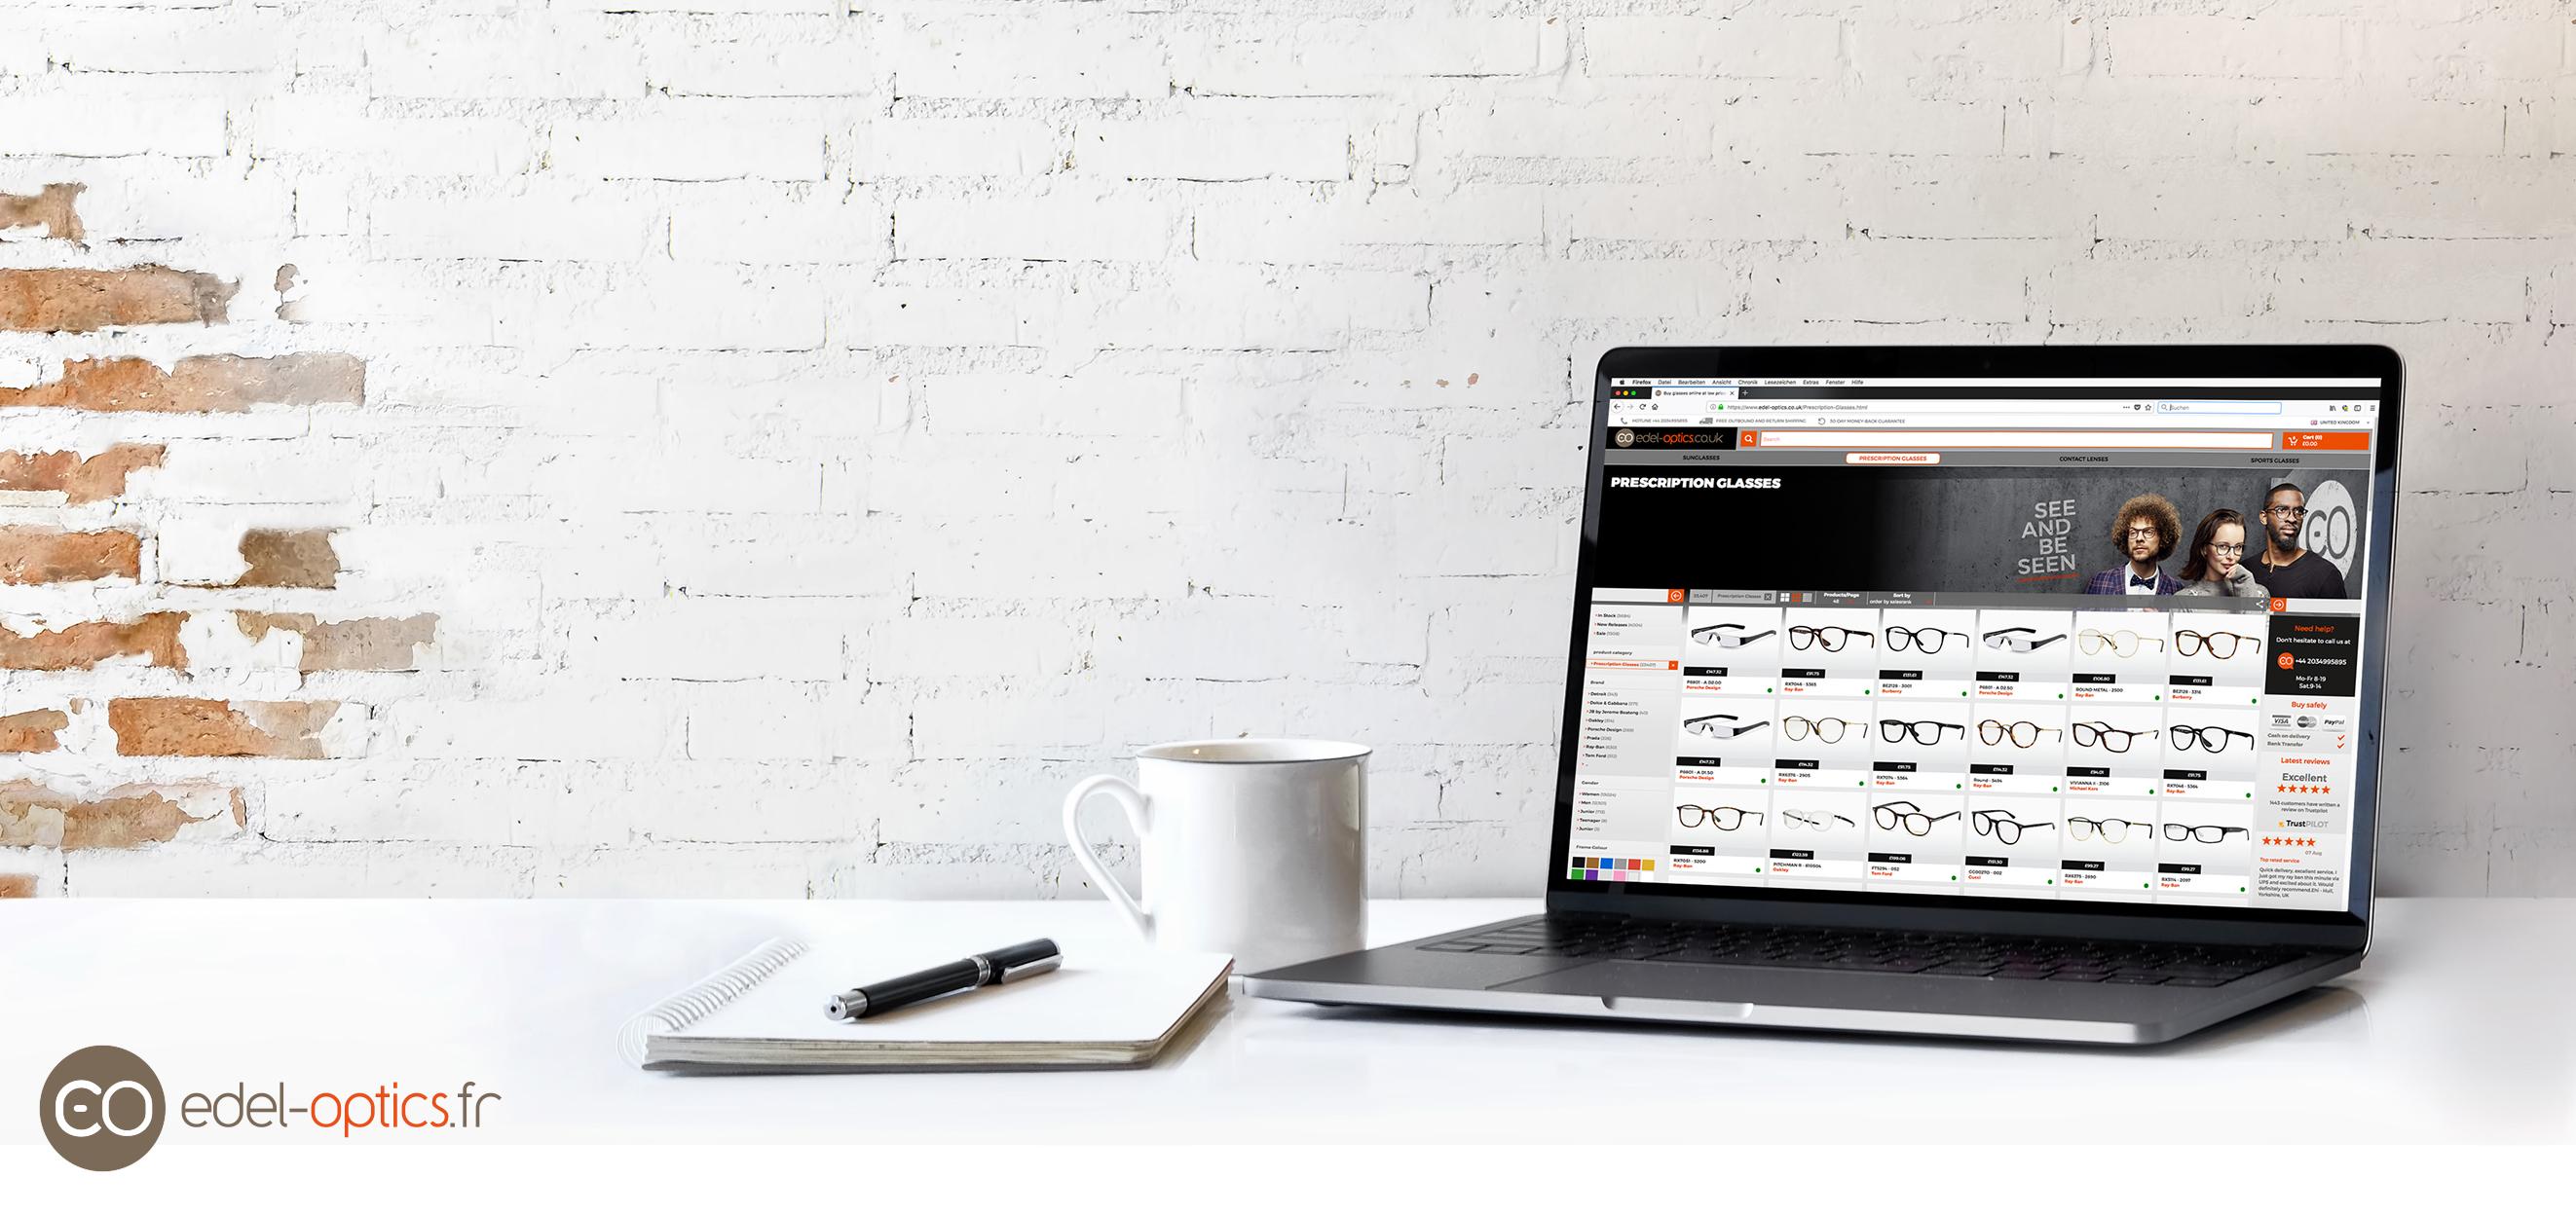 Acheter des lunettes en ligne comment a marche edel for Acheter arbustes en ligne